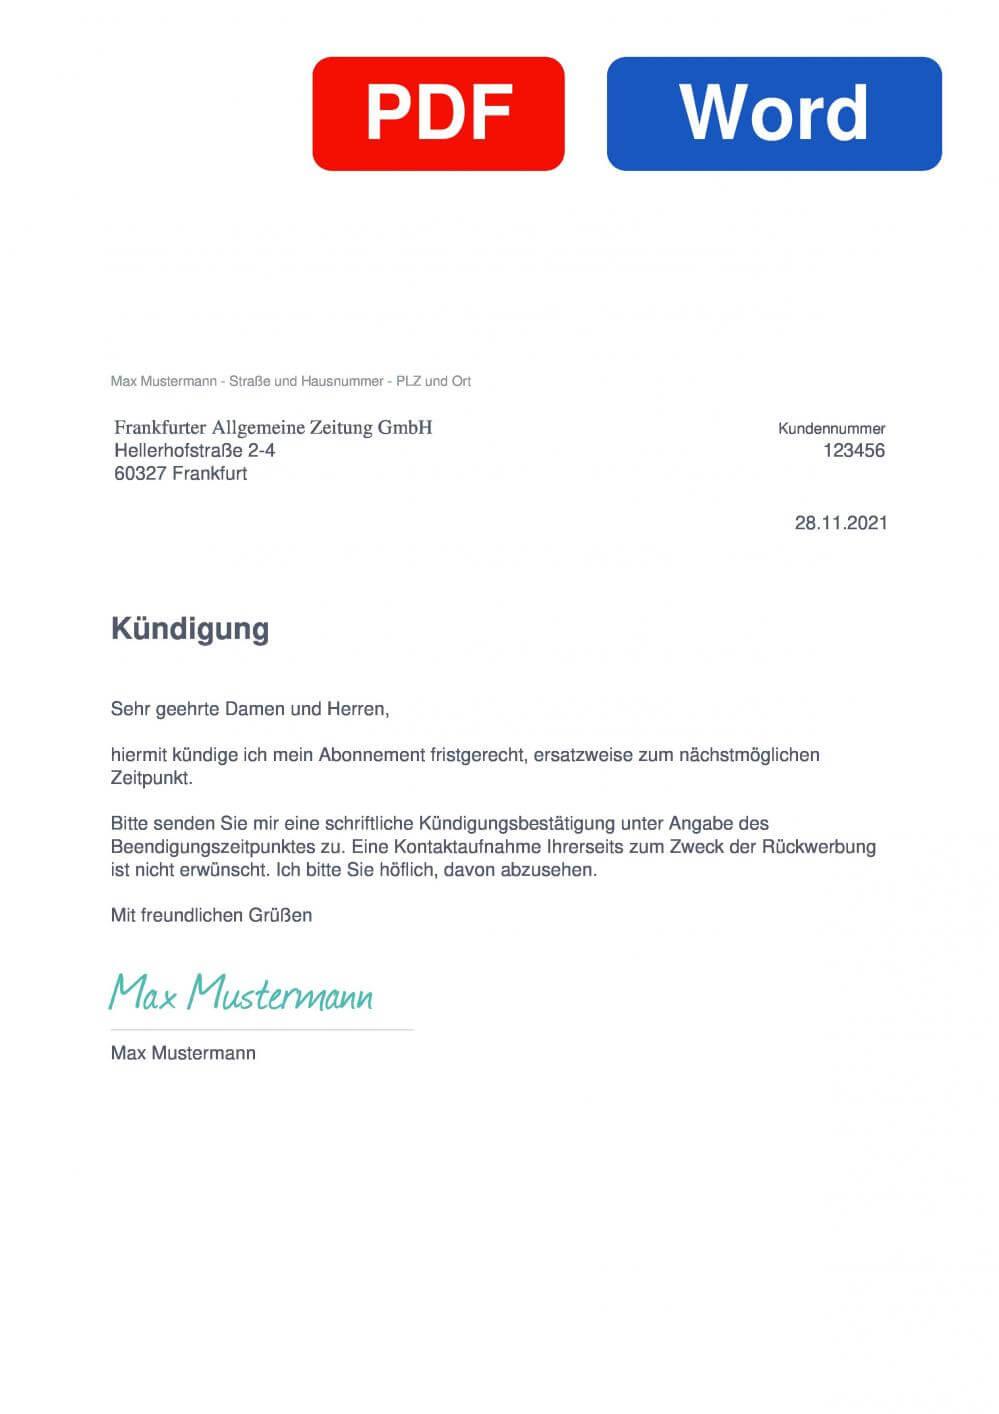 FAZ Frankfurter Allgemeine Zeitung Muster Vorlage für Kündigungsschreiben